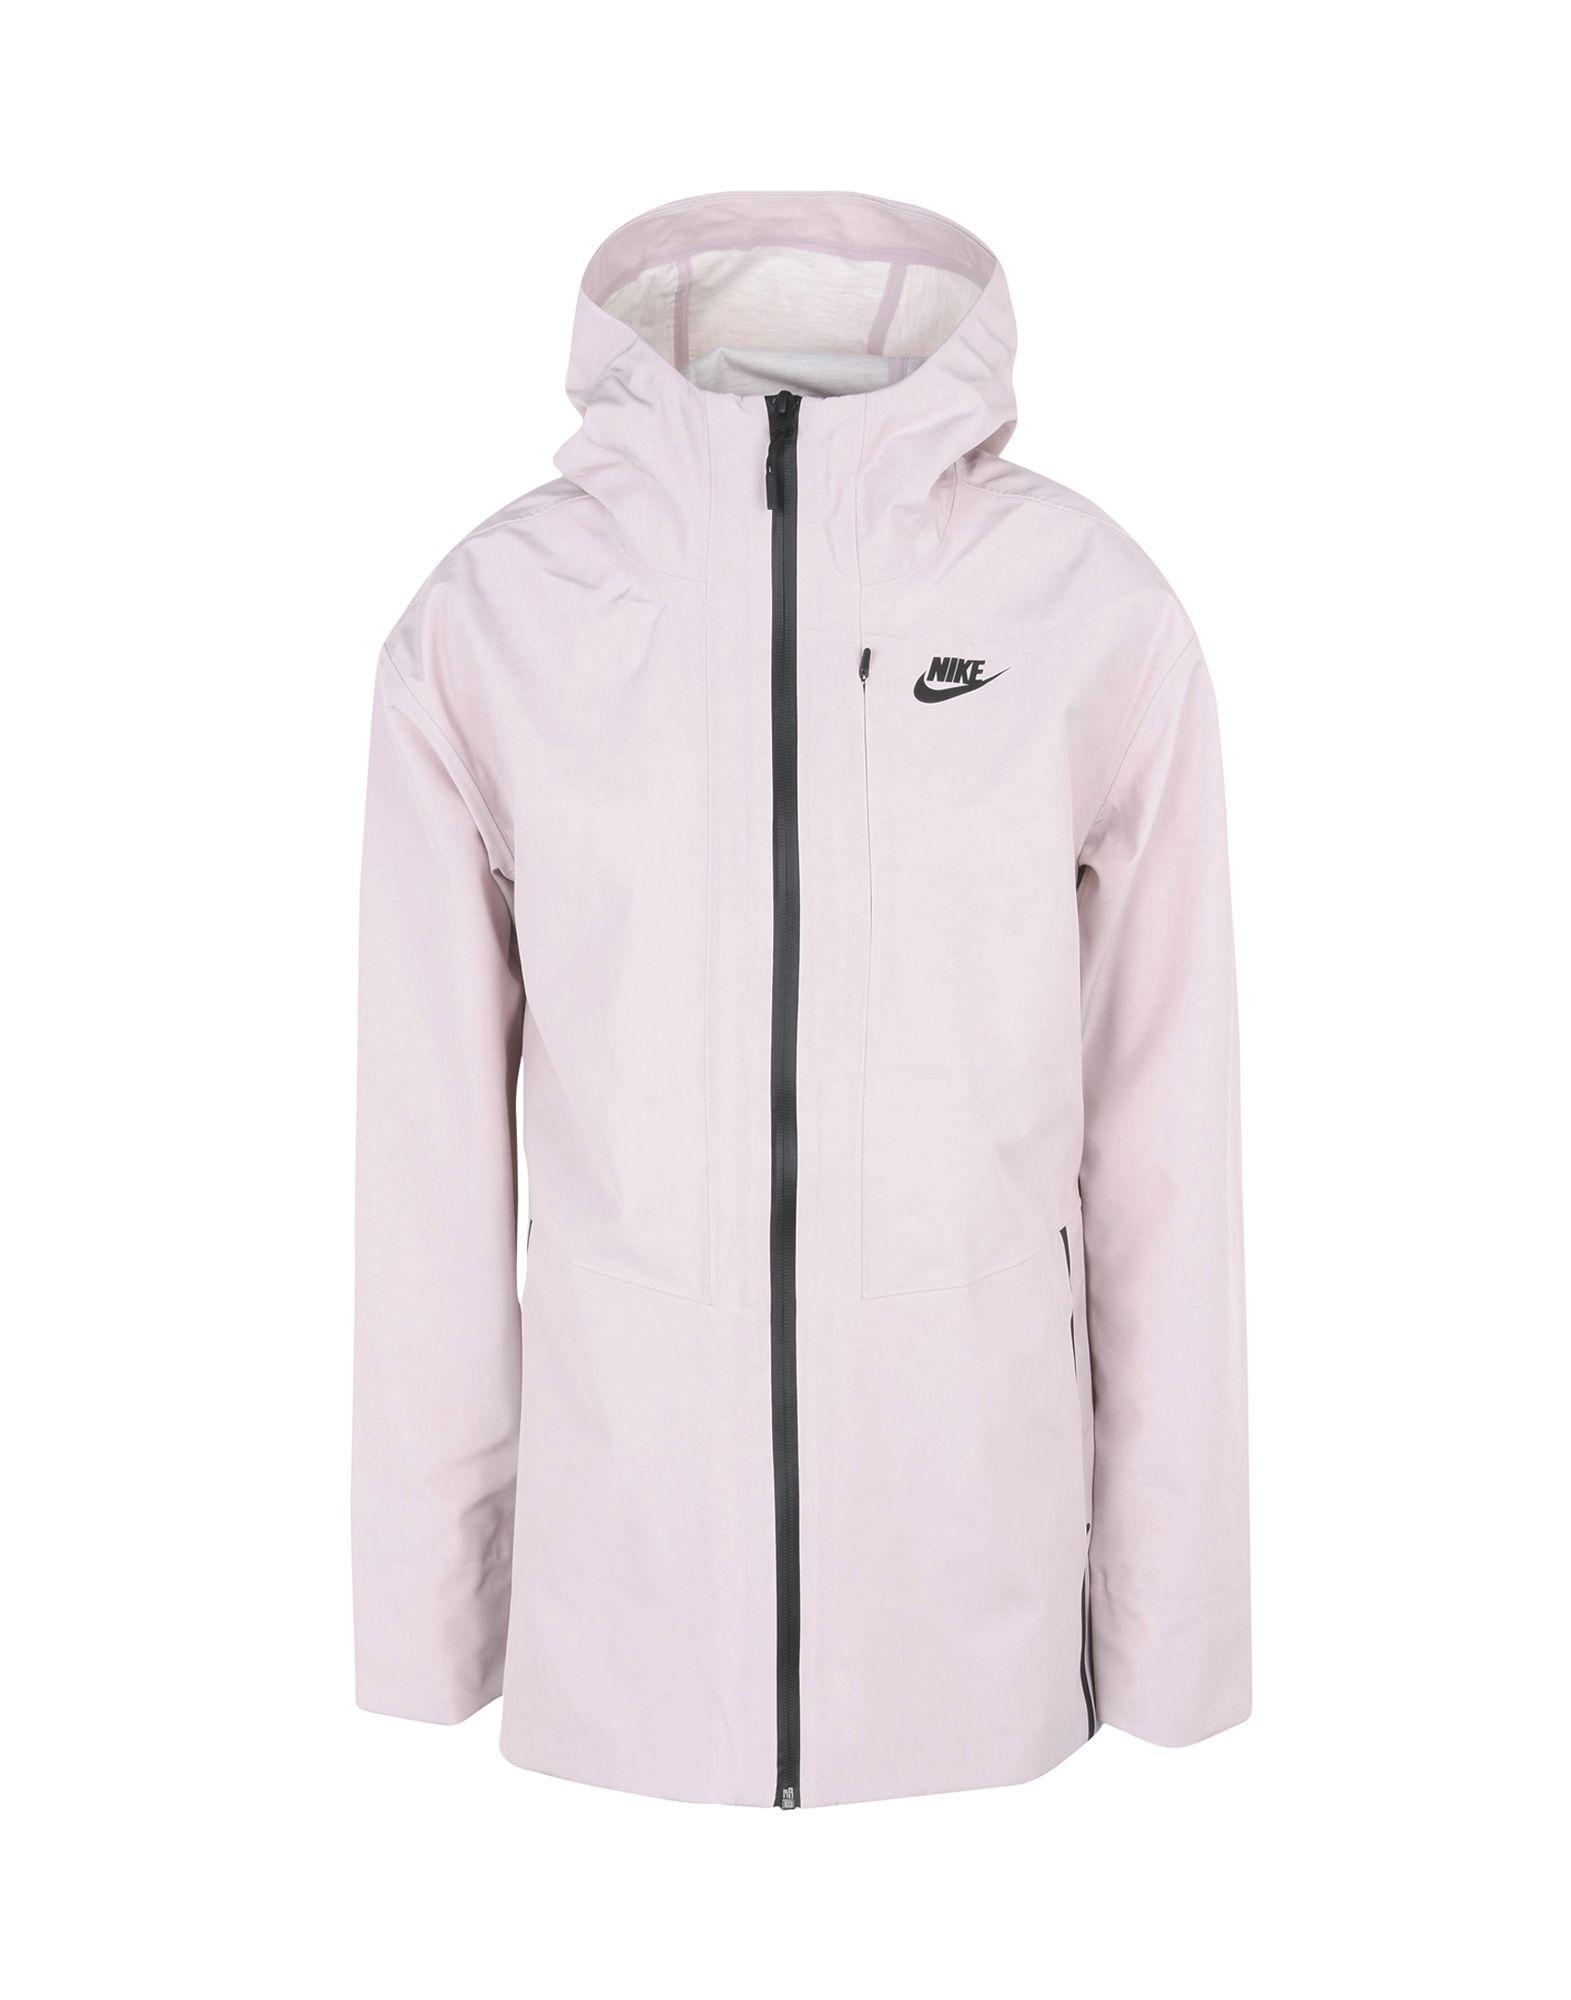 f8f9649f7f45 Nike Jacket in Pink - Lyst